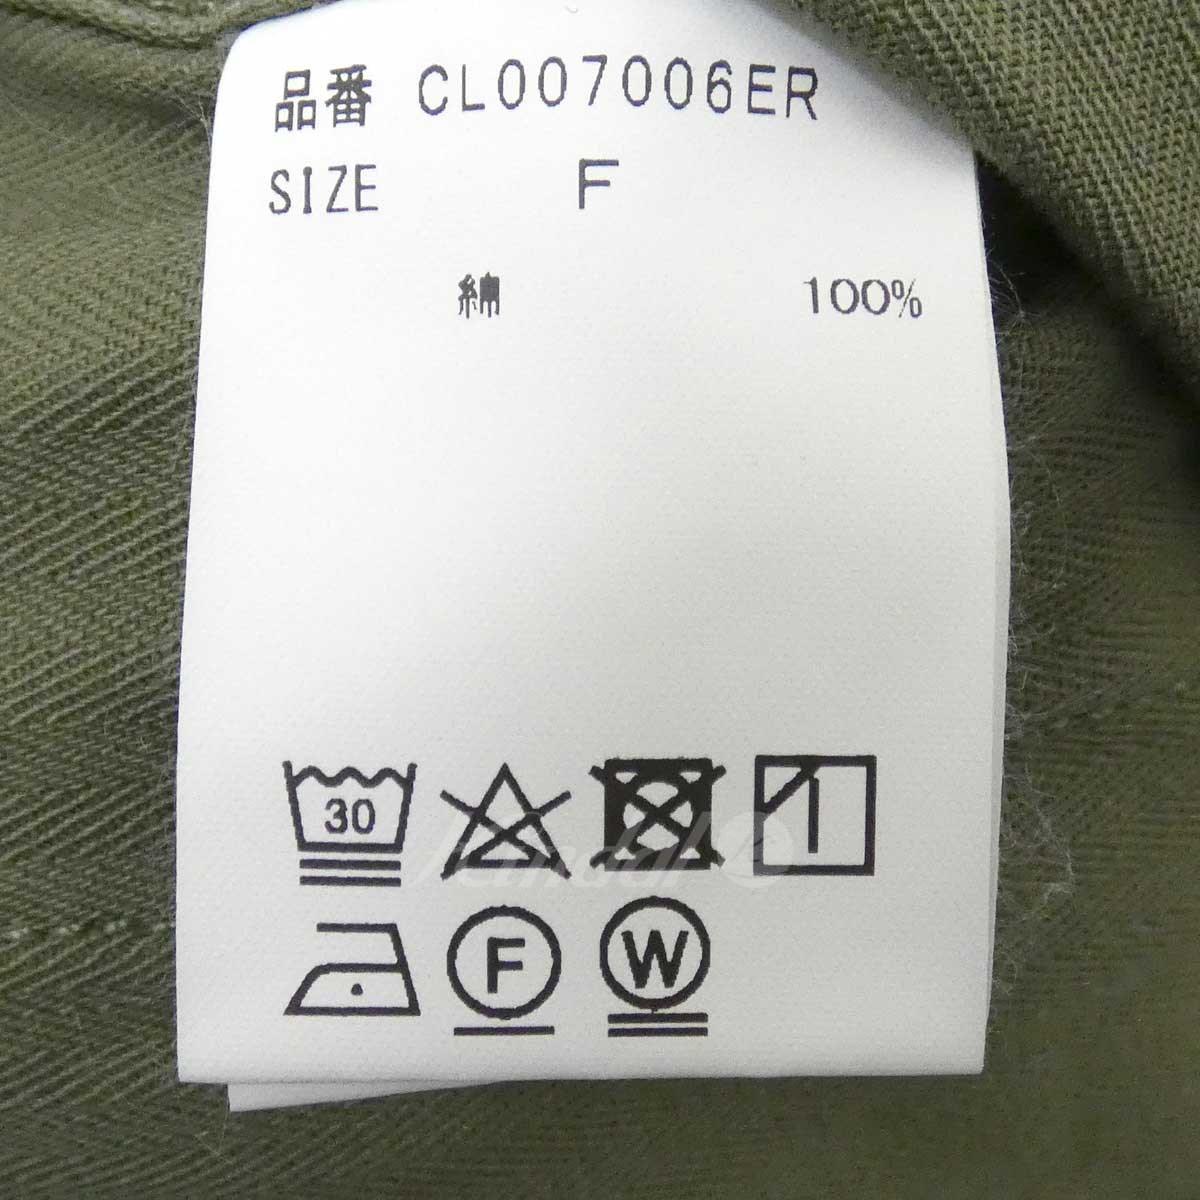 【中古】Curensologyミリタリージャケット&RCオリーブサイズ:Free【071120】(カレンソロジー)